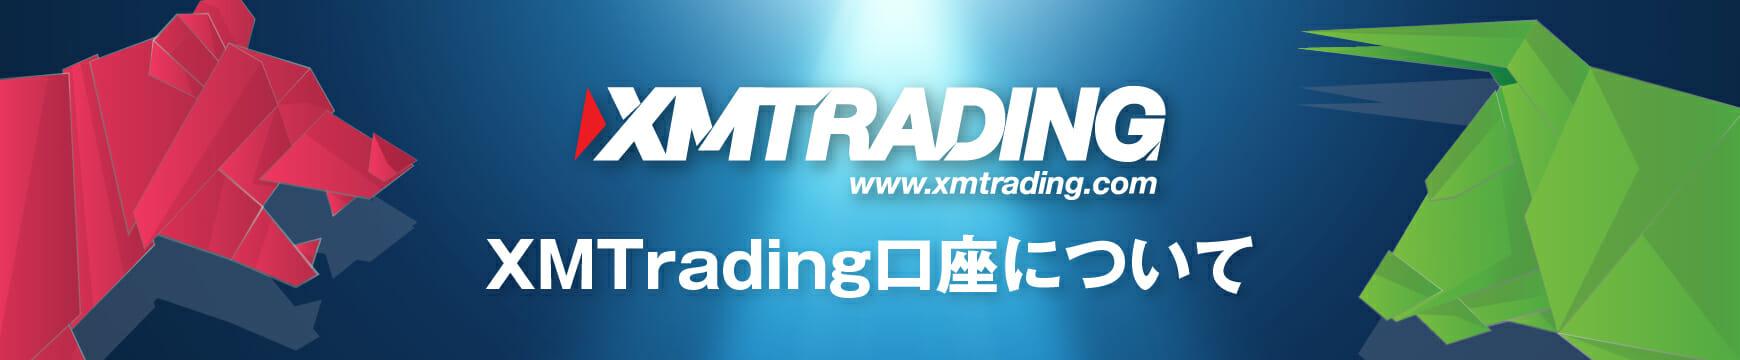 XM Tradingの口座開設はありかなしか?日本語で徹底解説!